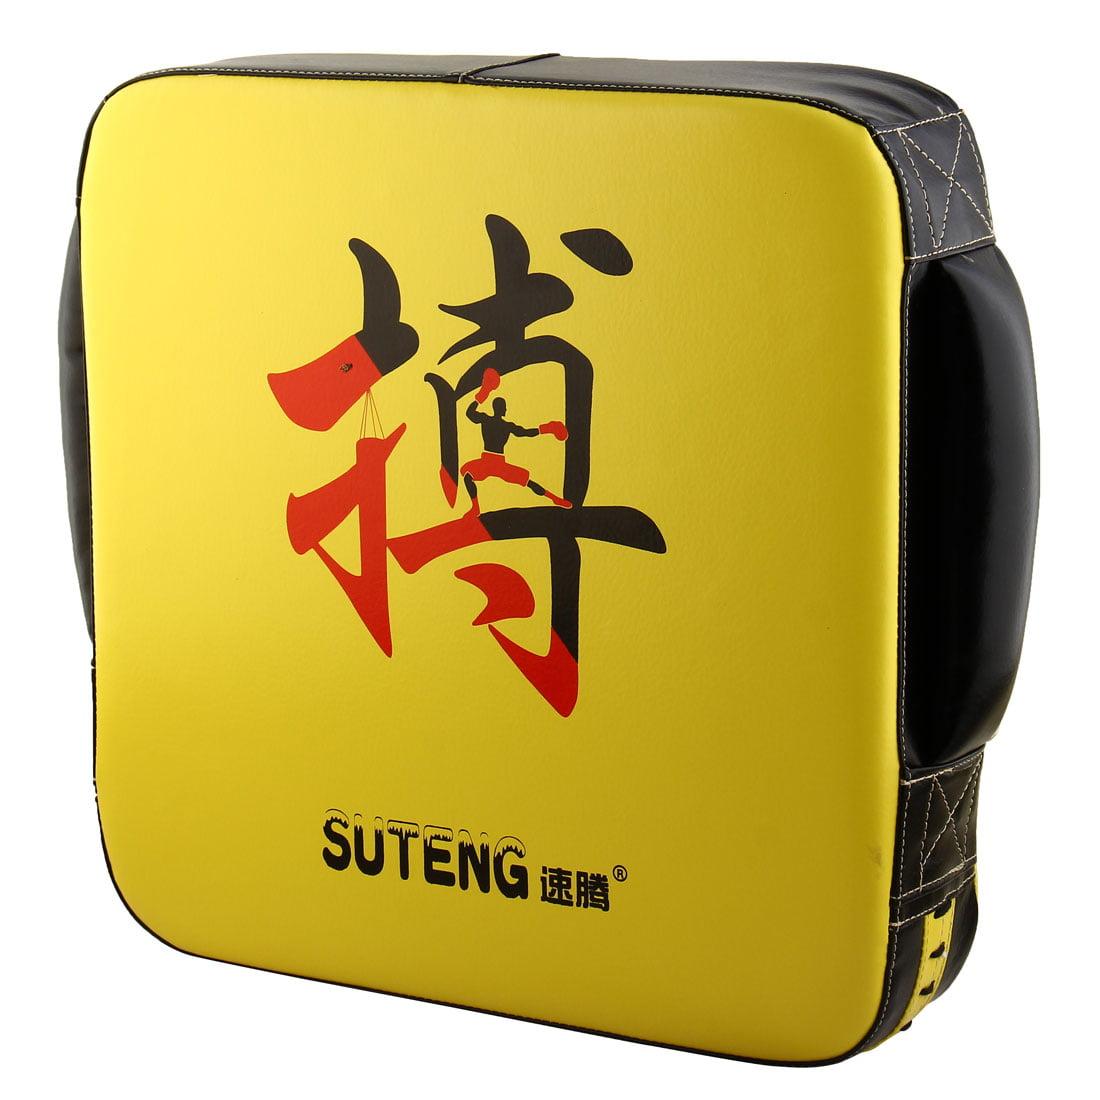 SUTENG Authorized Boxing Strike Target Karate Kicking Training Pad Shield Yellow